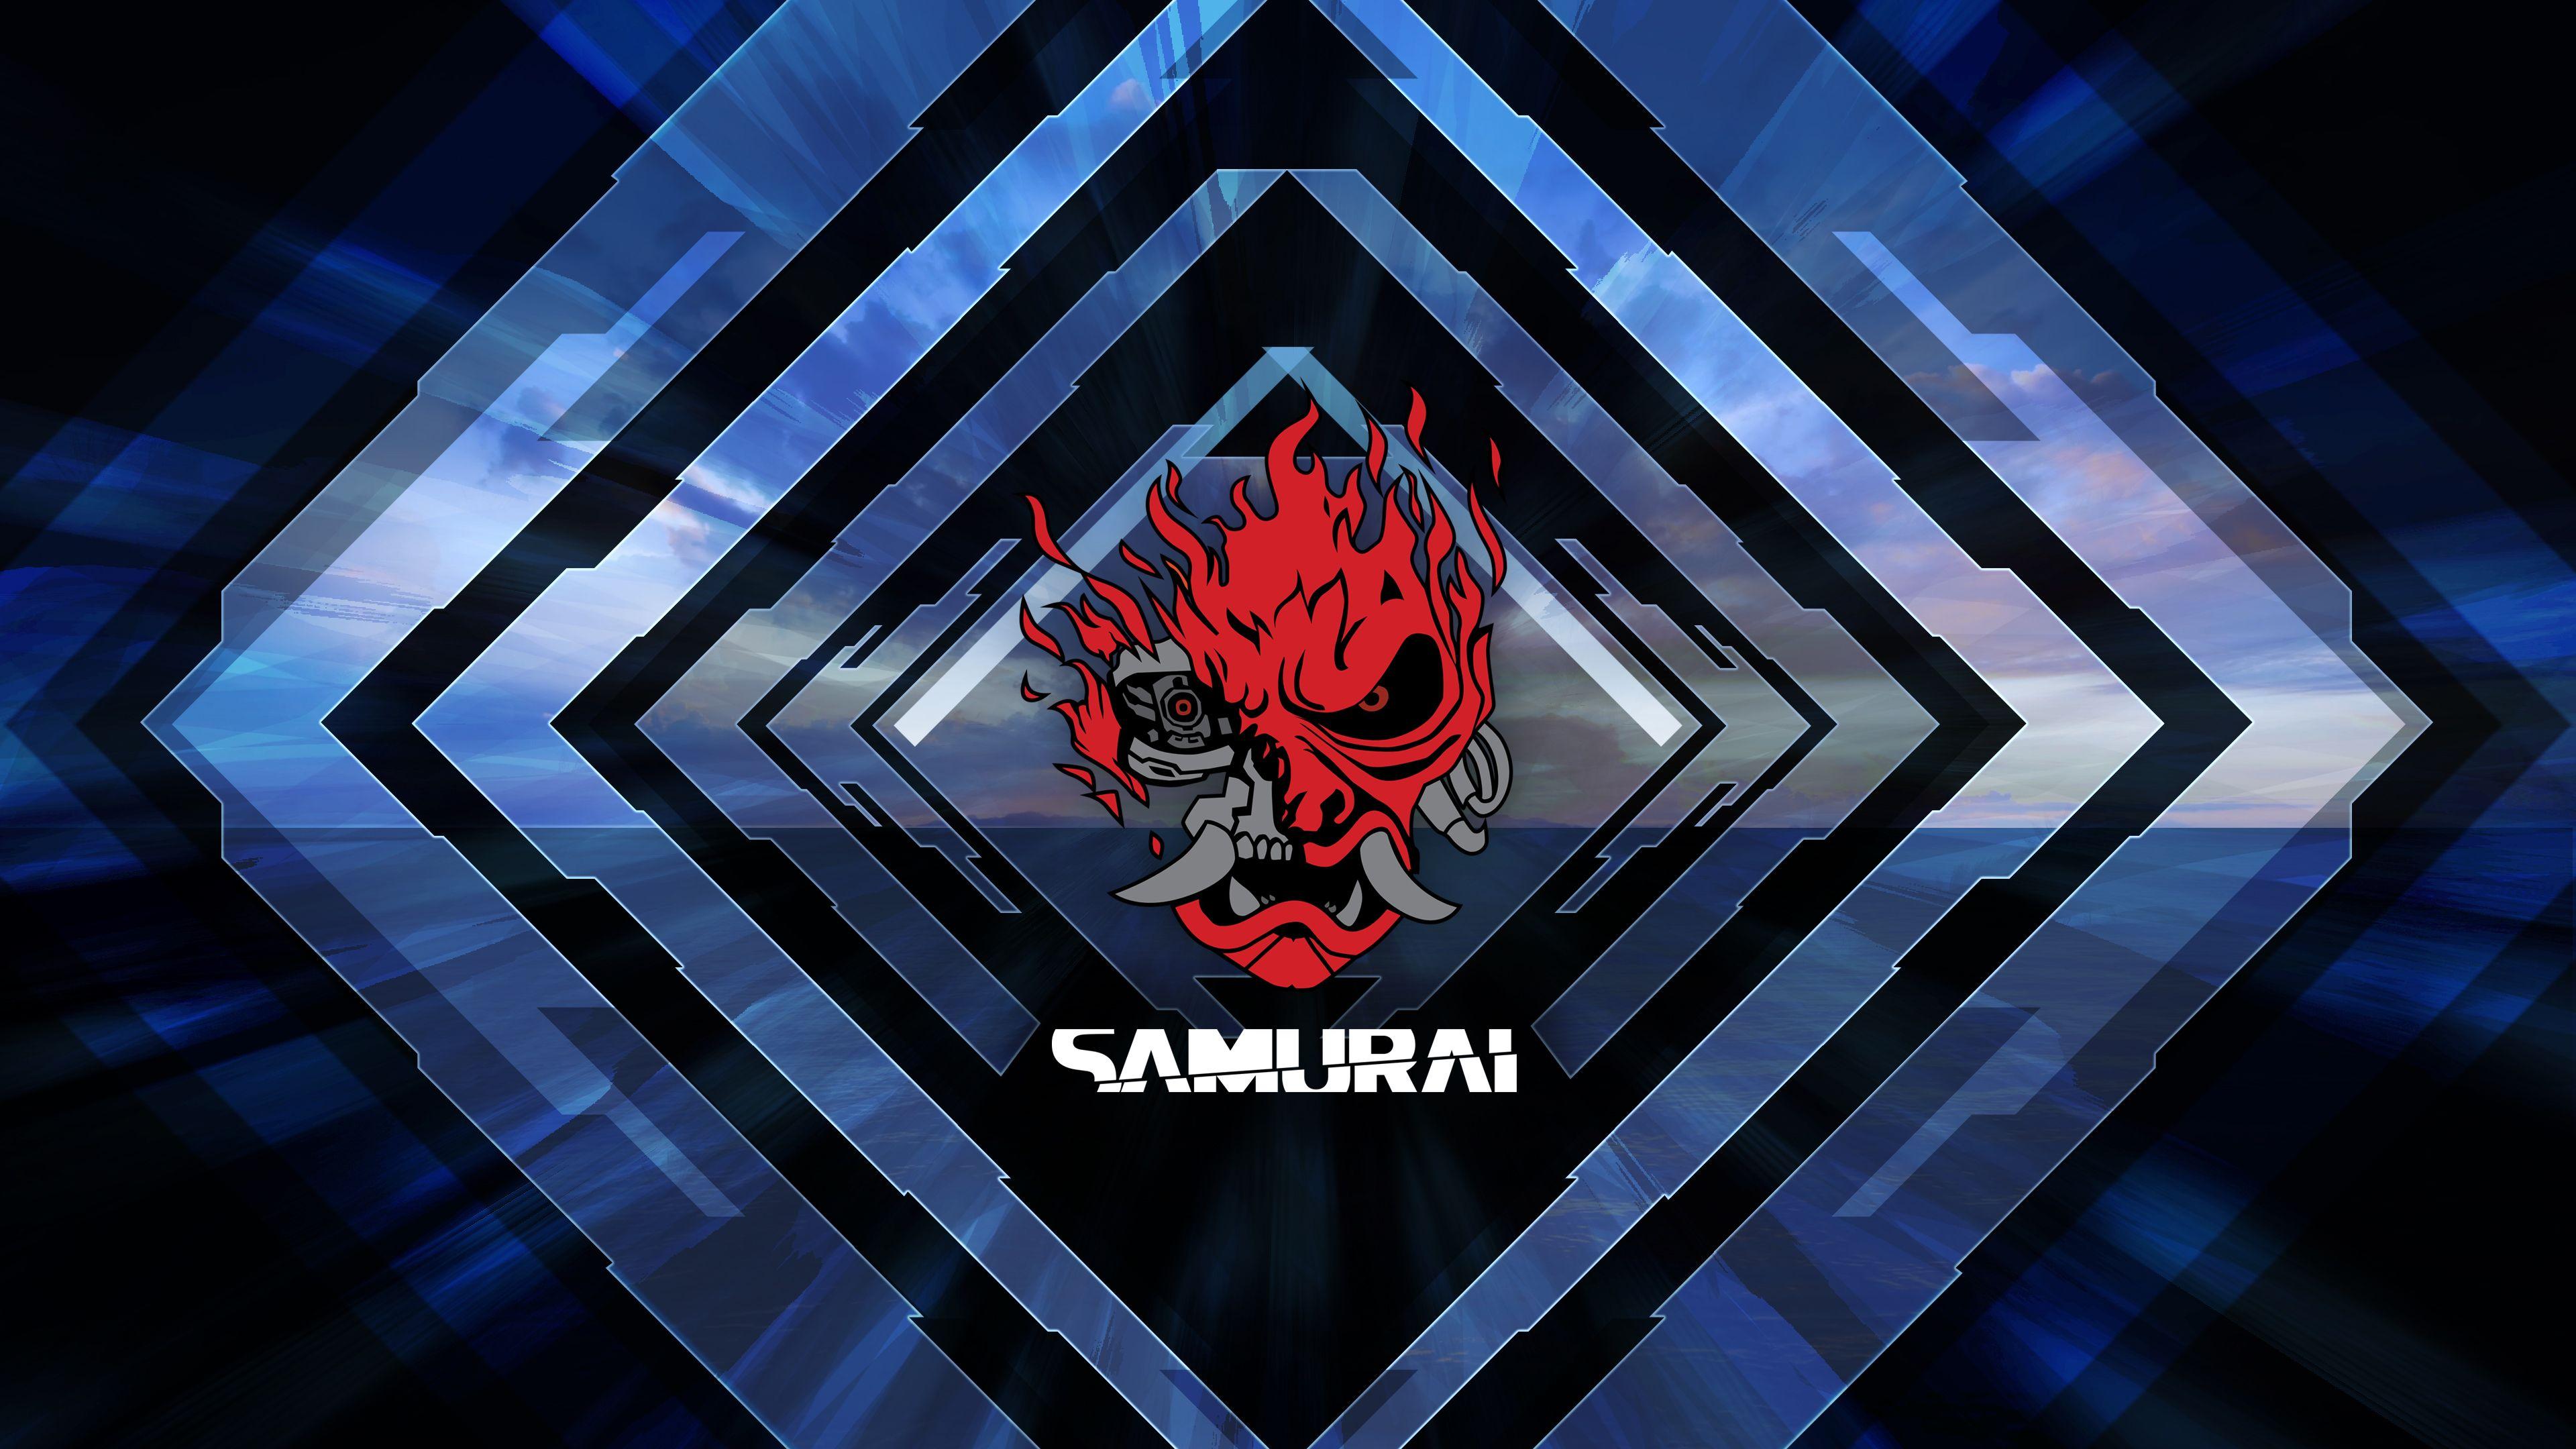 Cyberpunk 2077 Samurai Poster 4k Wallpaper By Valencygraphics Cyberpunk 2077 Cyberpunk Samurai